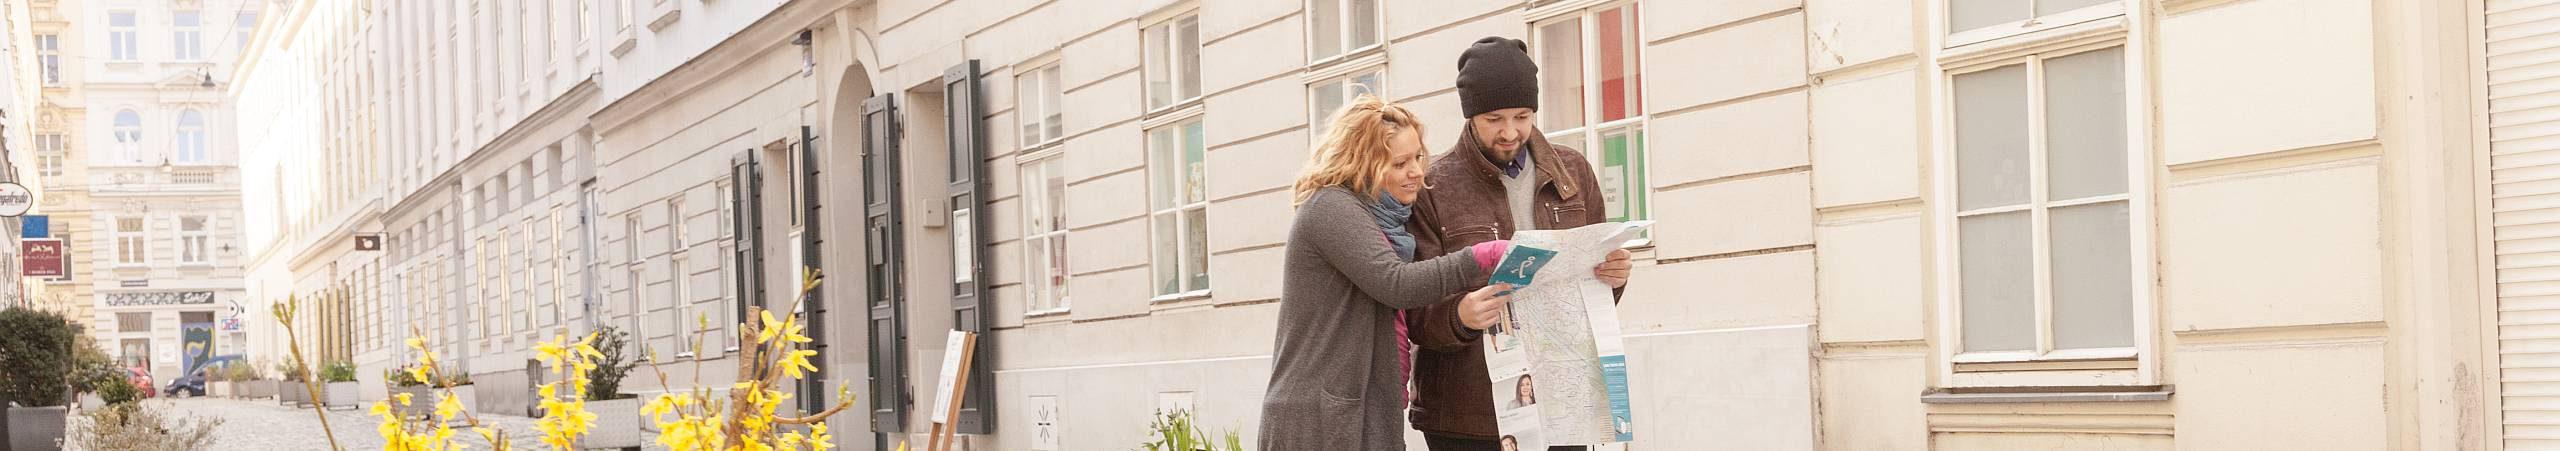 Ein junges Paar unterhält sich angeregt über den besten Fußweg von A nach B. Foto von Stephan Doleschal